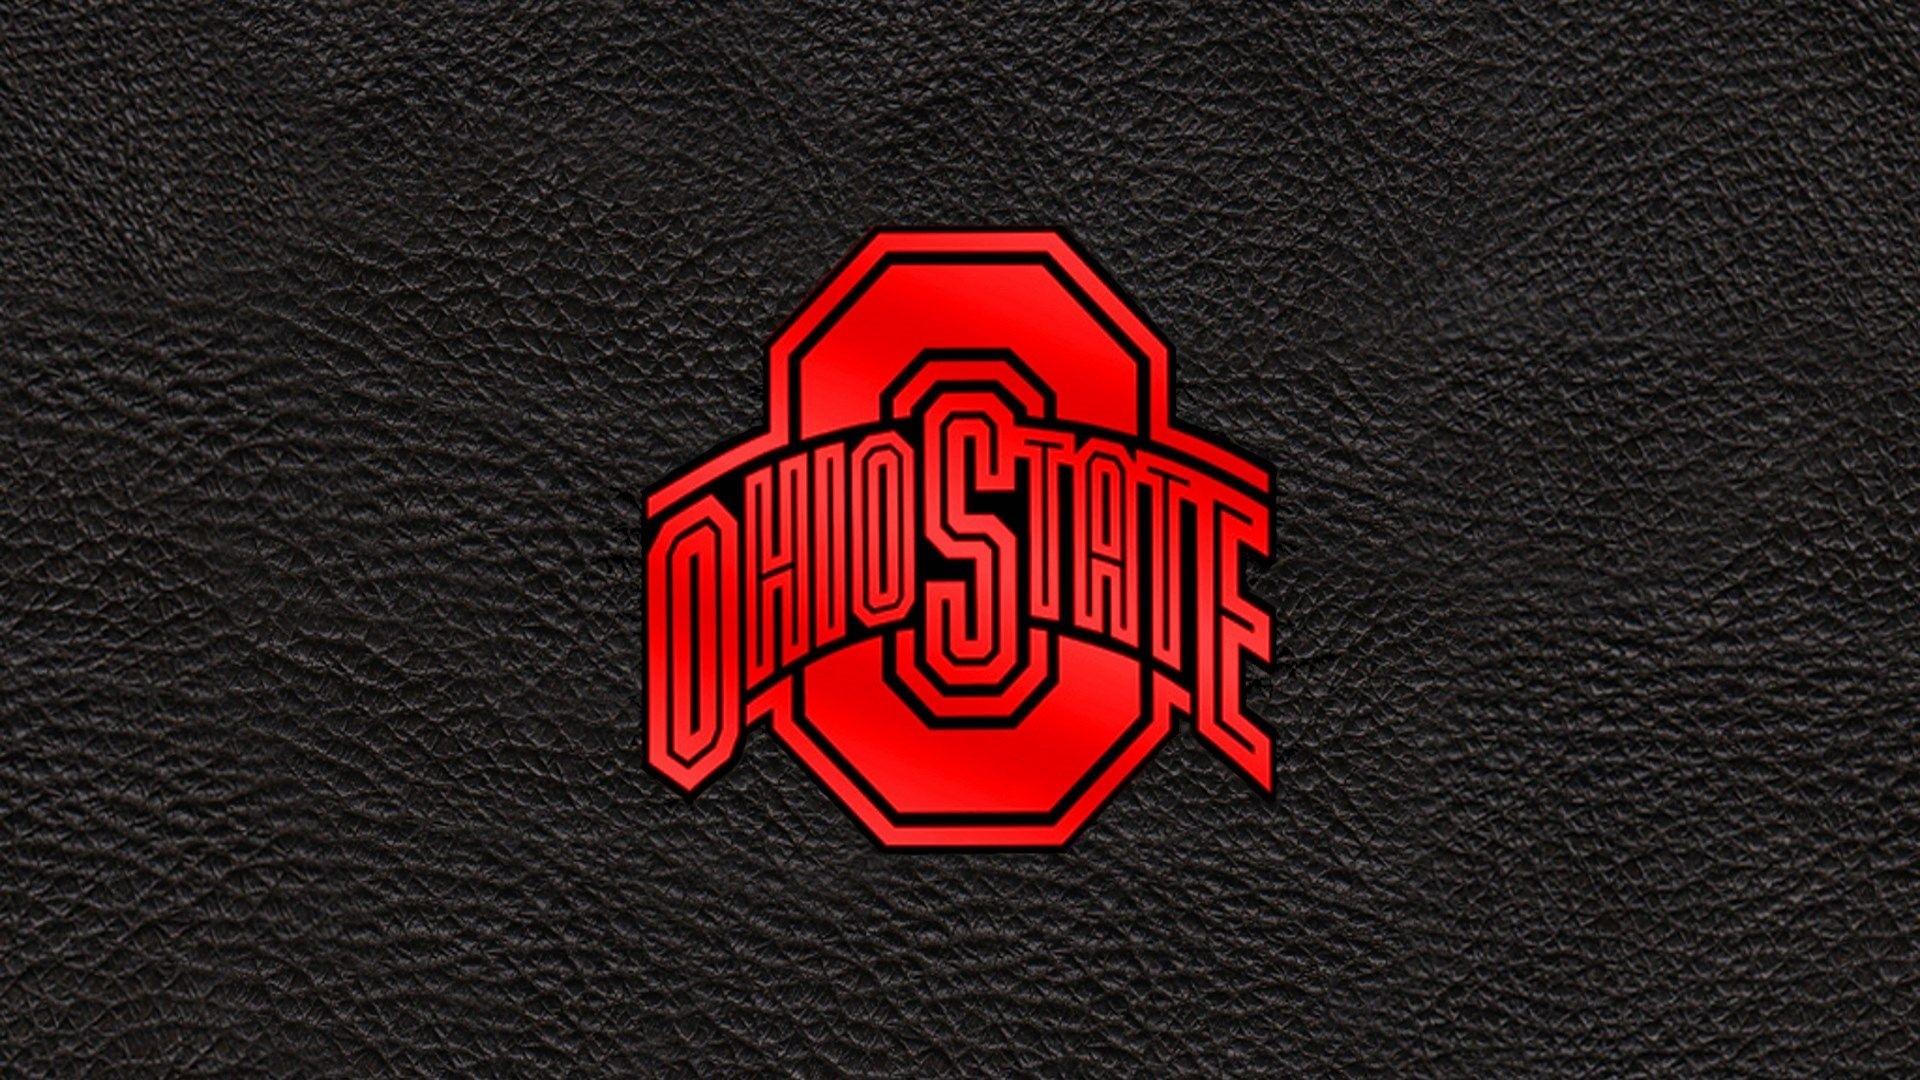 Ohio State wallpaper